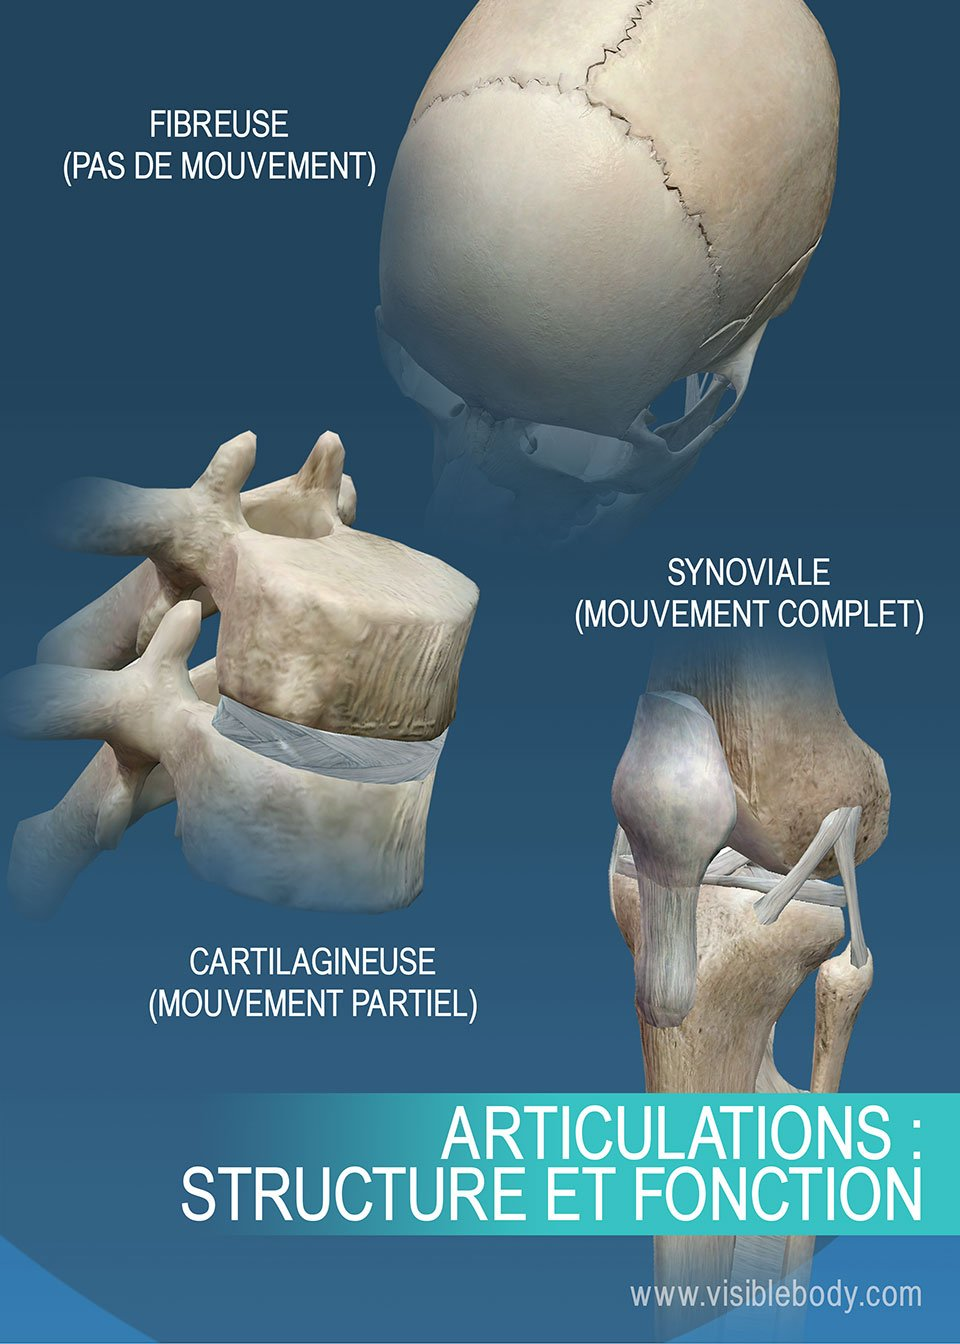 Les articulations peuvent être nommées selon le type de mouvement qu'elles engendrent, ou selon leur composition